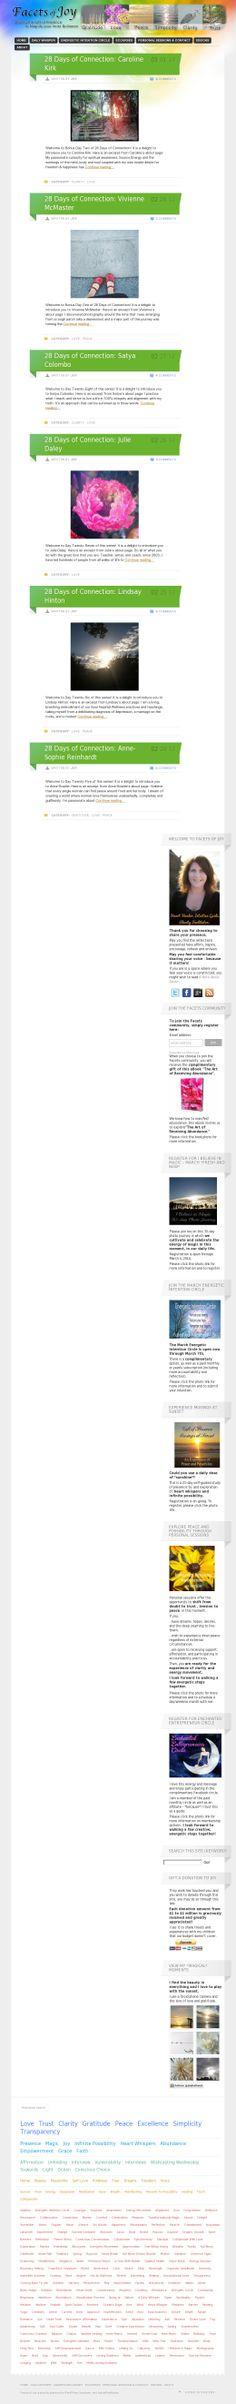 The website 'facetsofjoy.com' courtesy of @Pinstamatic (http://pinstamatic.com)